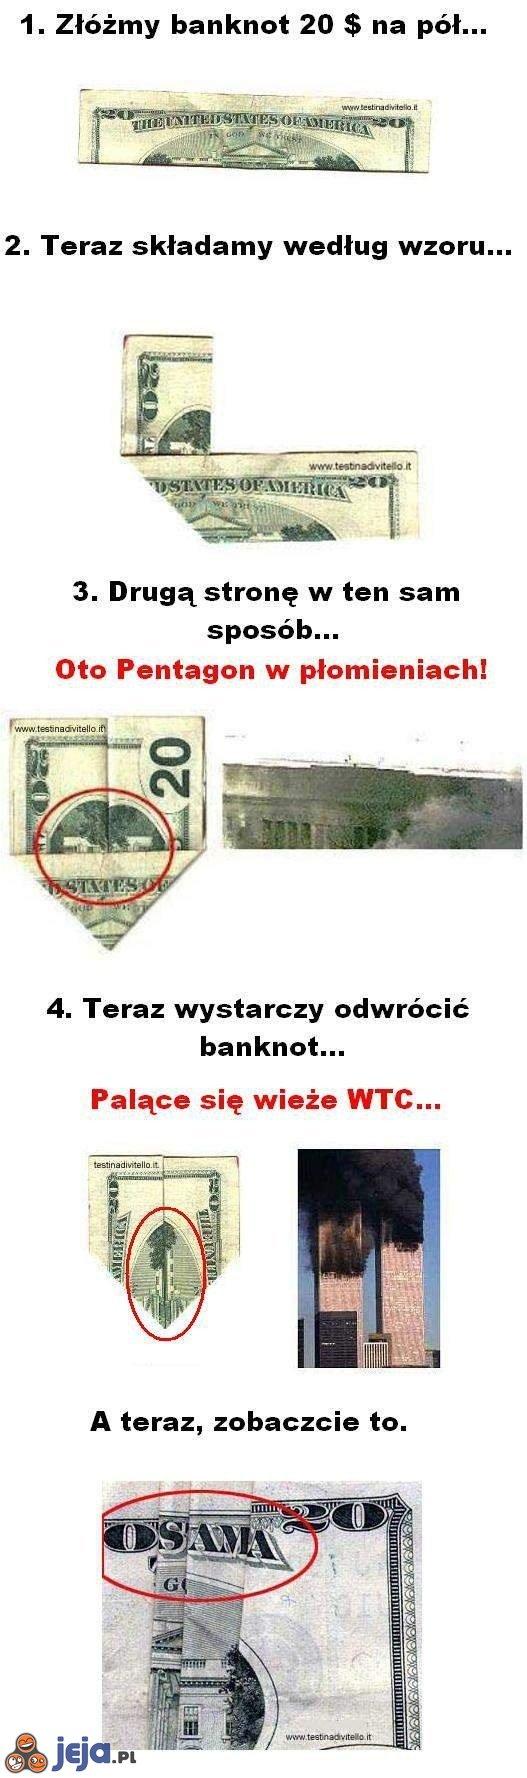 Banknot przewidział przyszłość